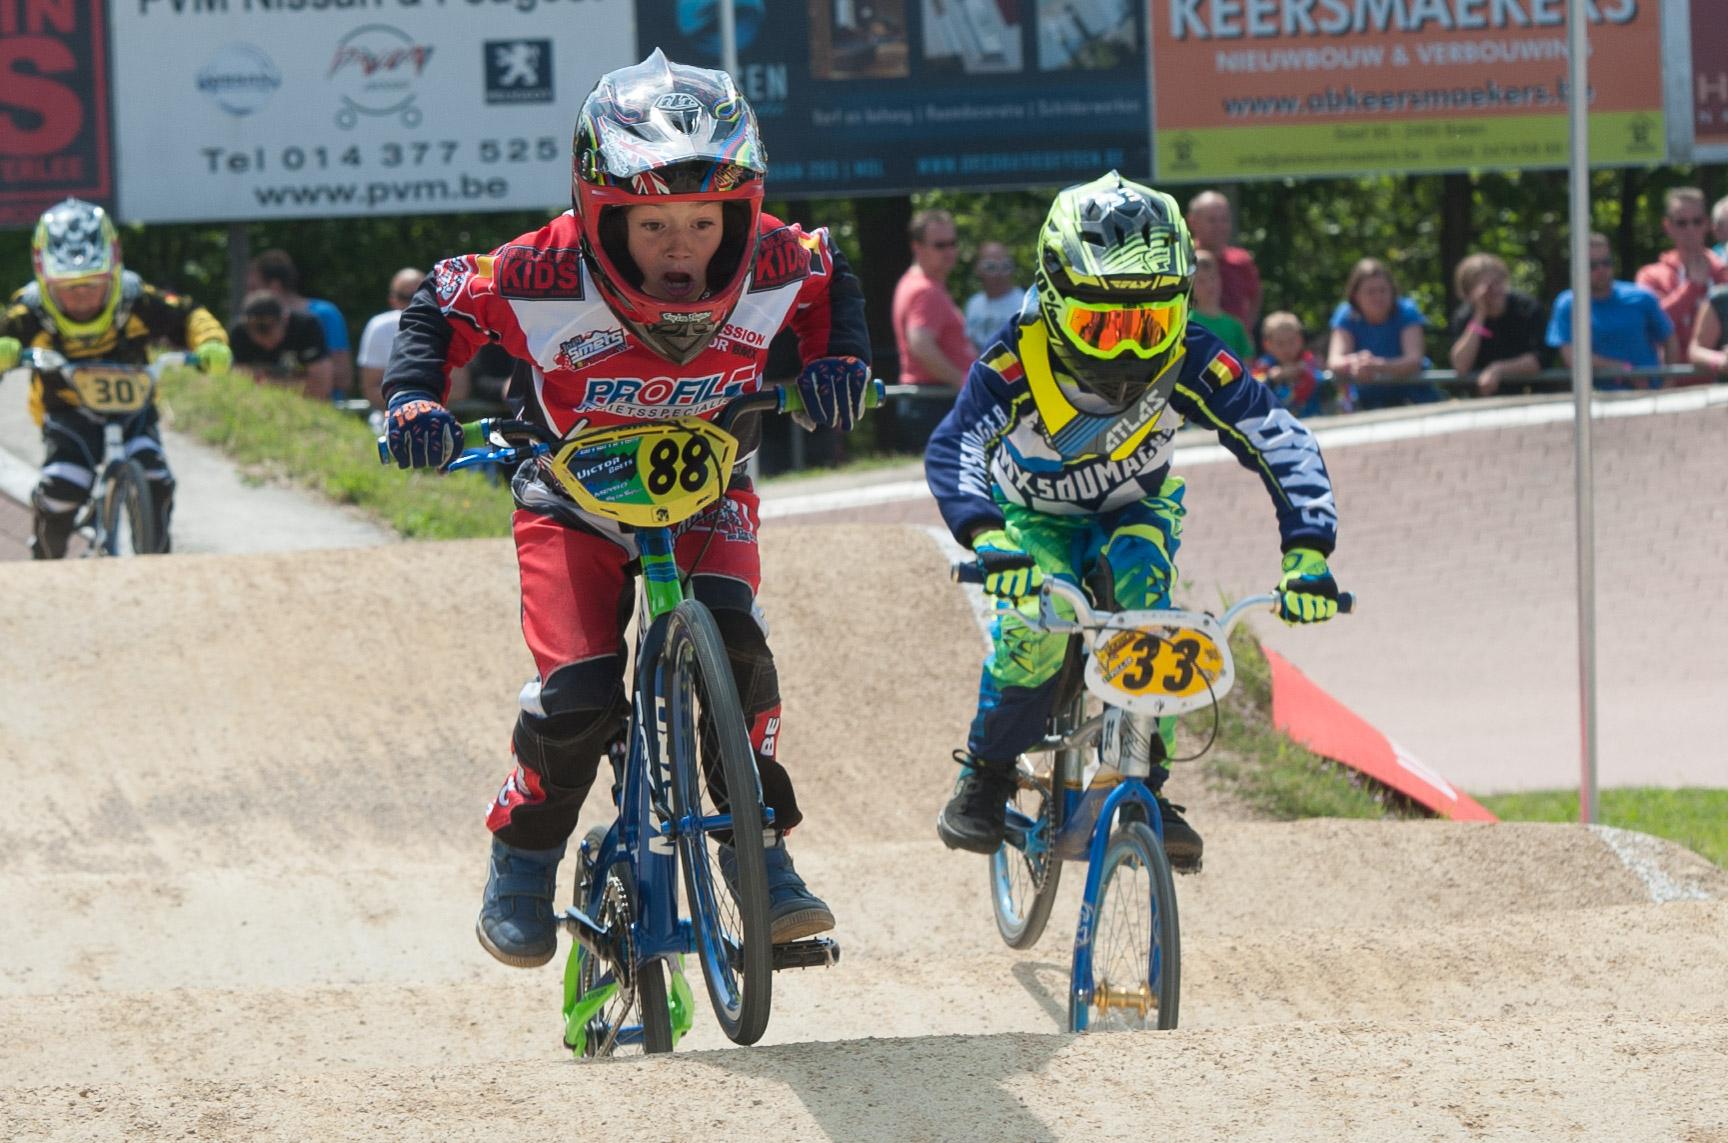 Provinciaal kampioenschap BMX op het JOEL SMETS BMX CIRCUIT in Dessel.